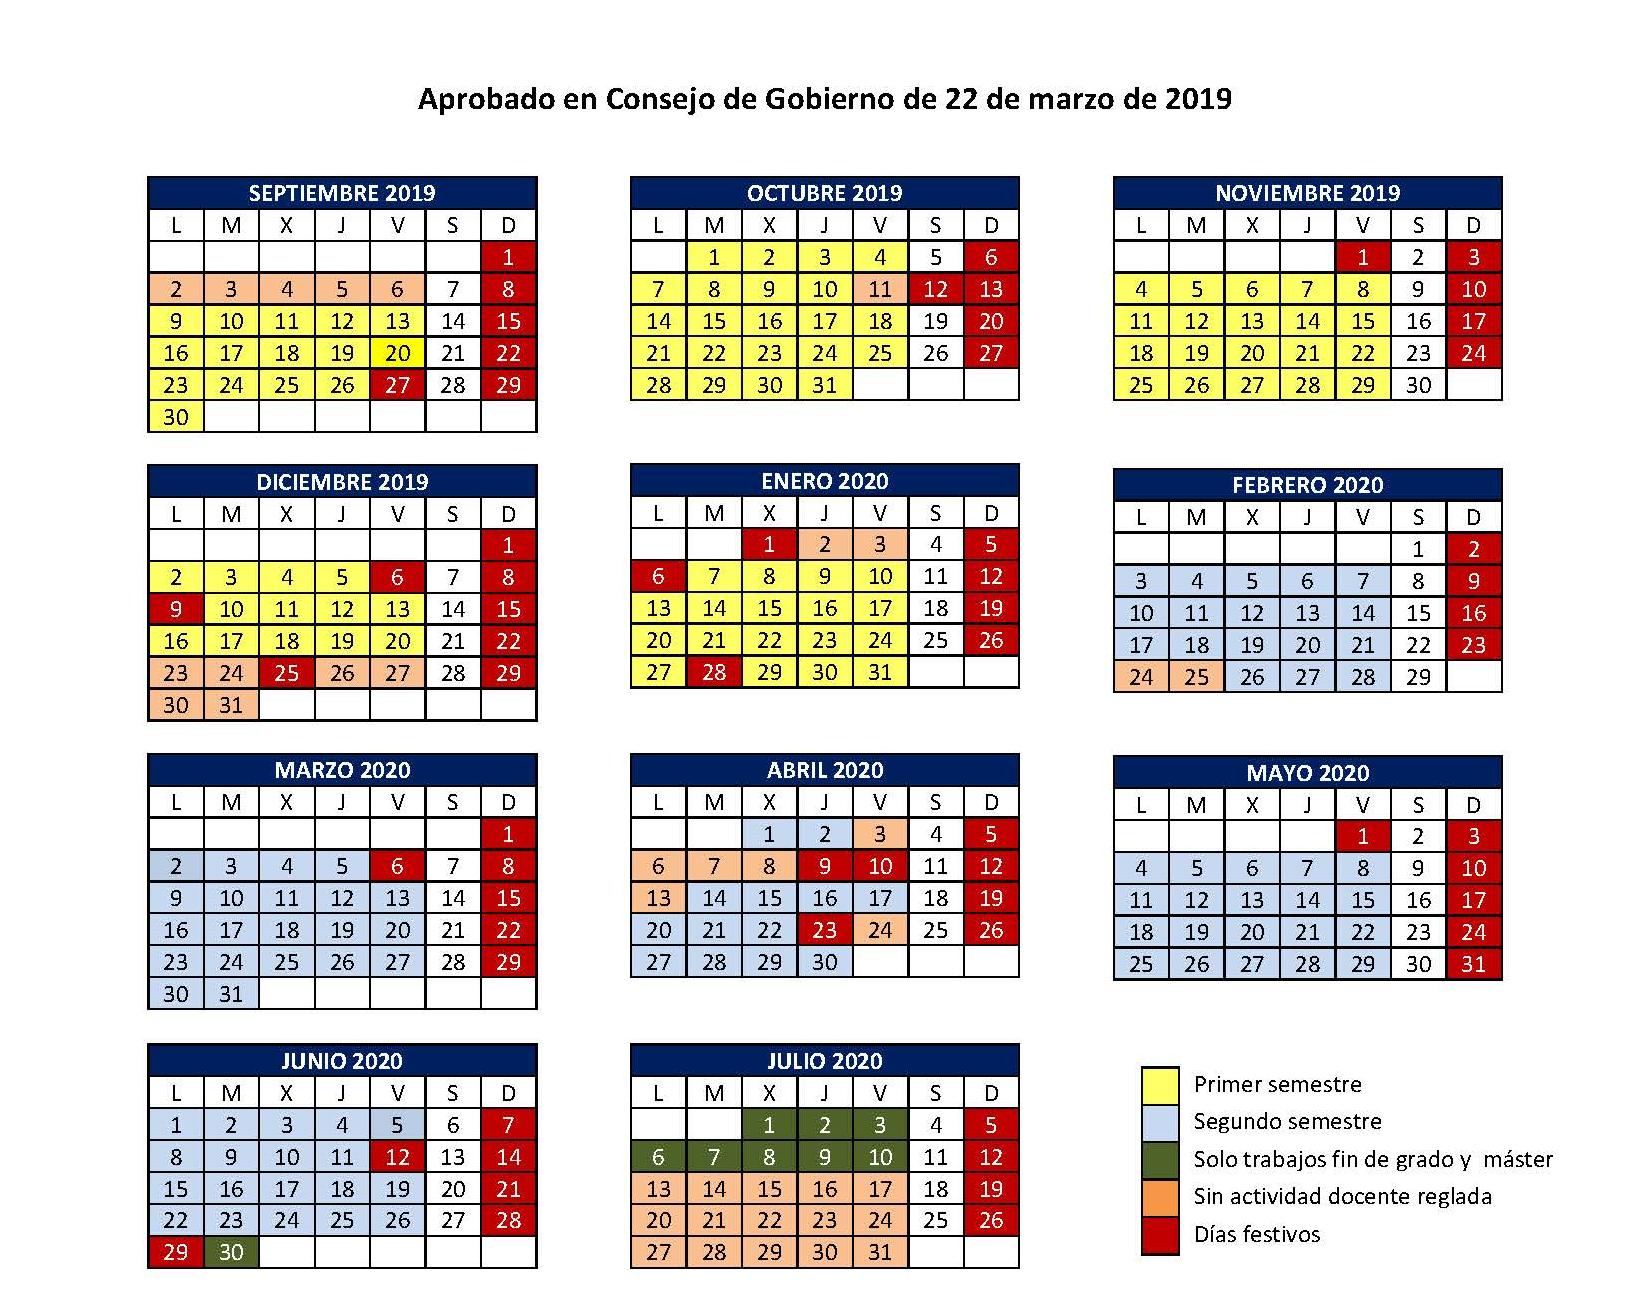 Calendario Laboral Castilla Y Leon 2020.Calendario Academico Del Curso 2019 2020 Universidad De Burgos